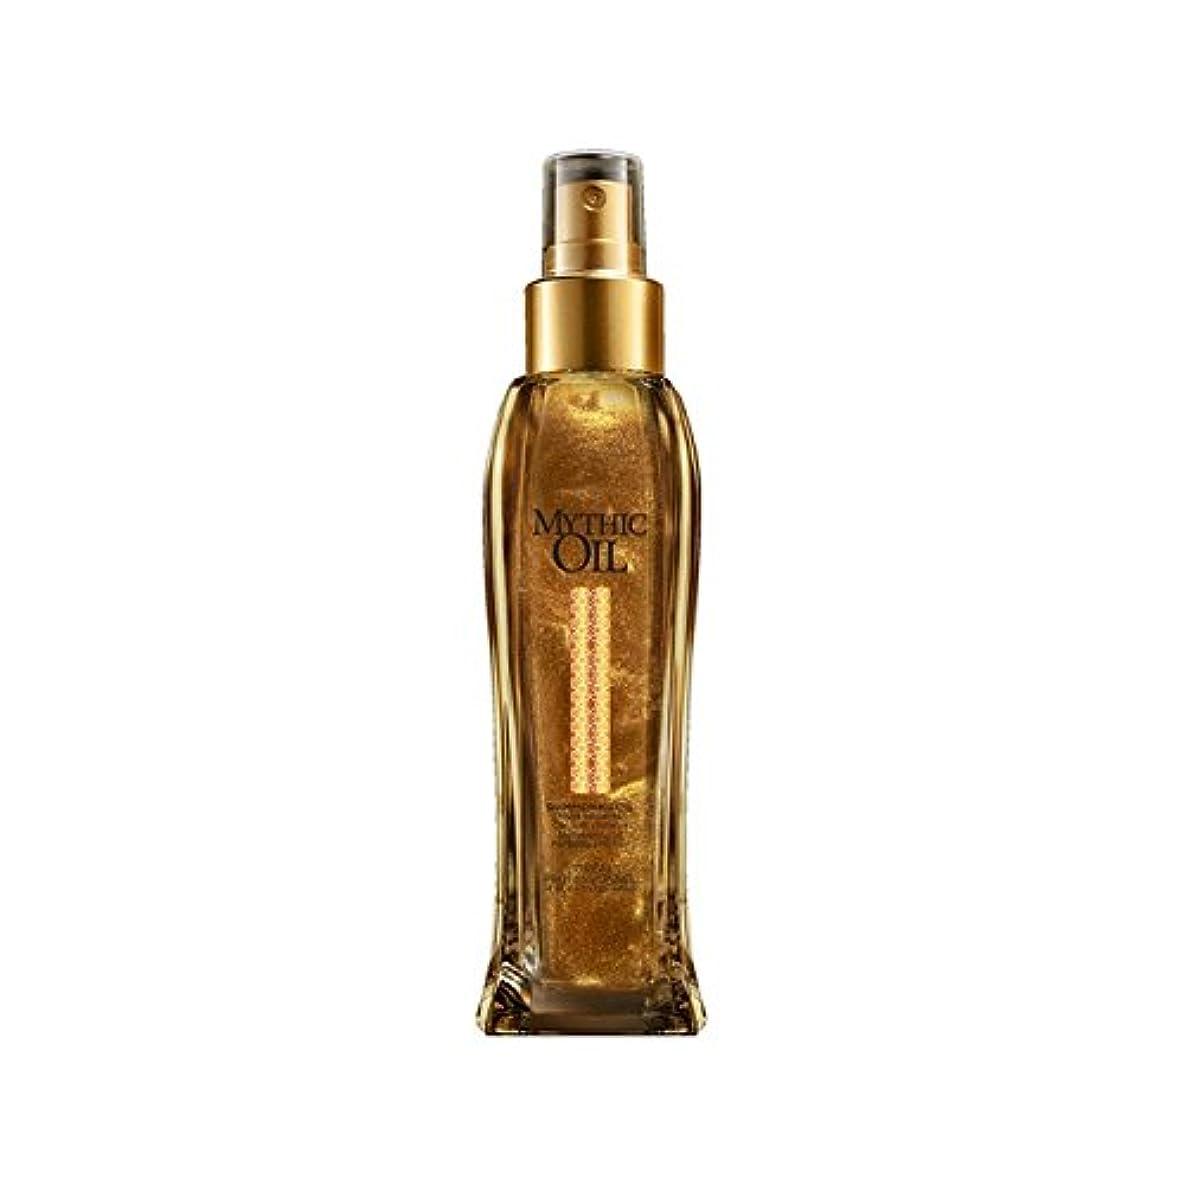 外向きオープニング気怠いL'Oreal Professionnel Mythic Oil Shimmering Oil (100ml) - ロレアルプロフェッショナルの神話油きらめくオイル(100ミリリットル) [並行輸入品]